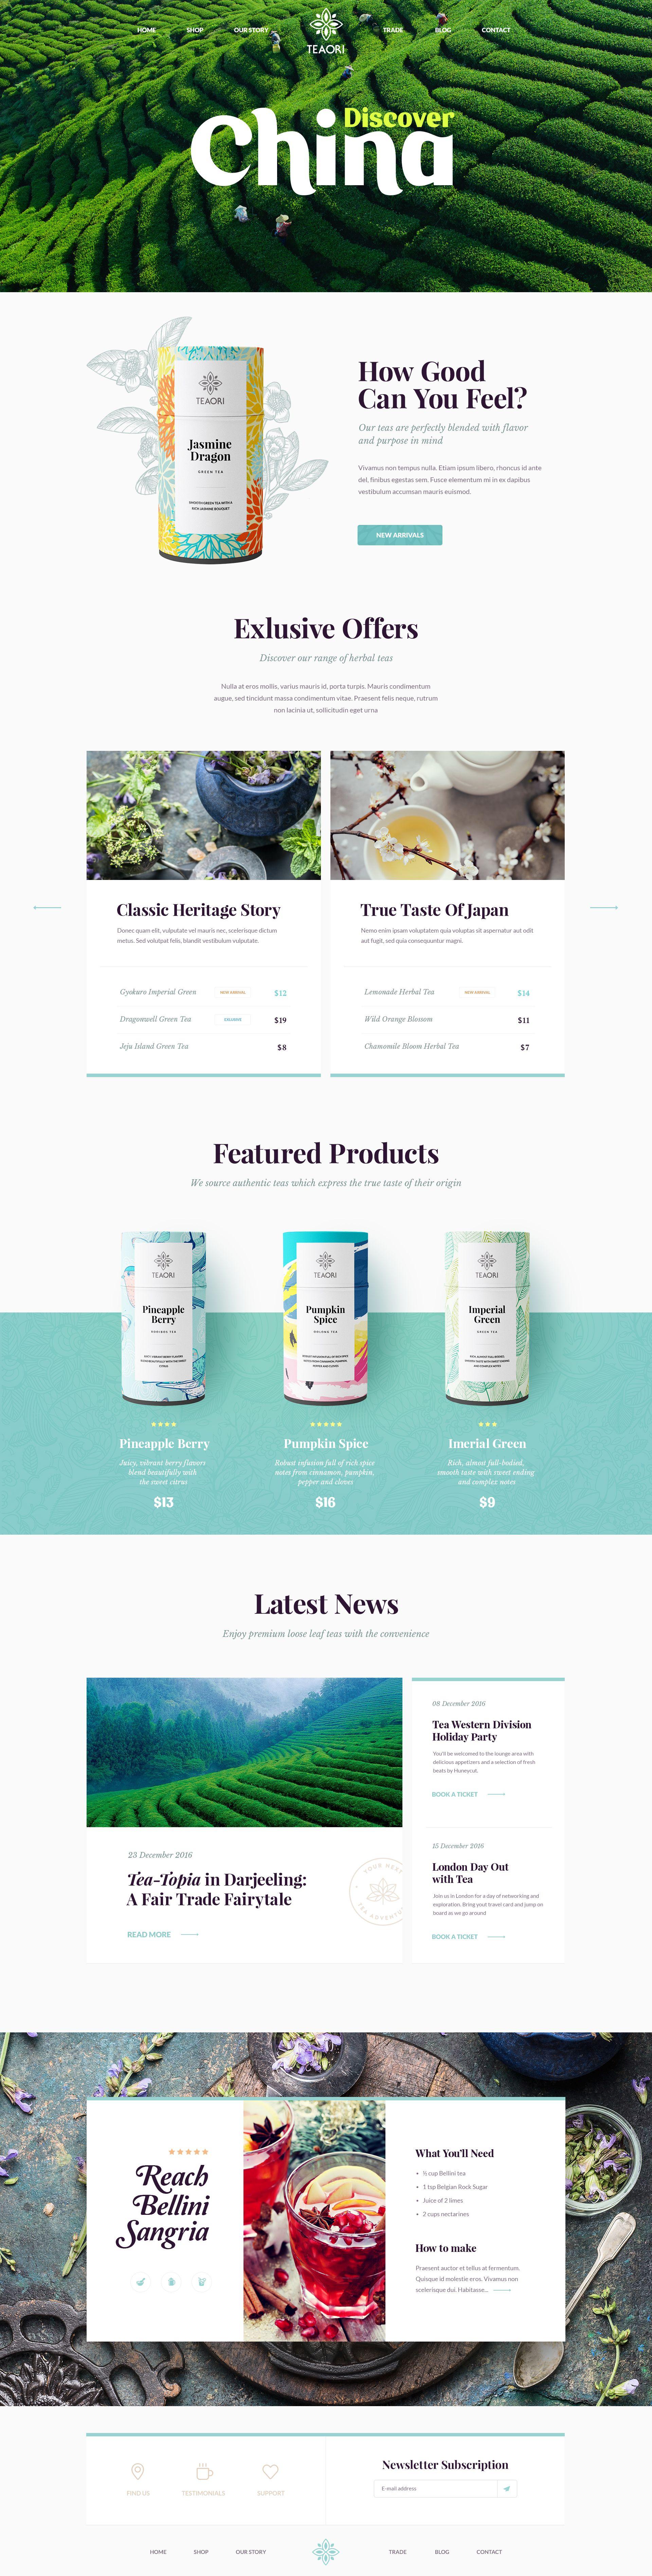 Web Site Design Tea Web Layout Design Site Design Creative Web Design